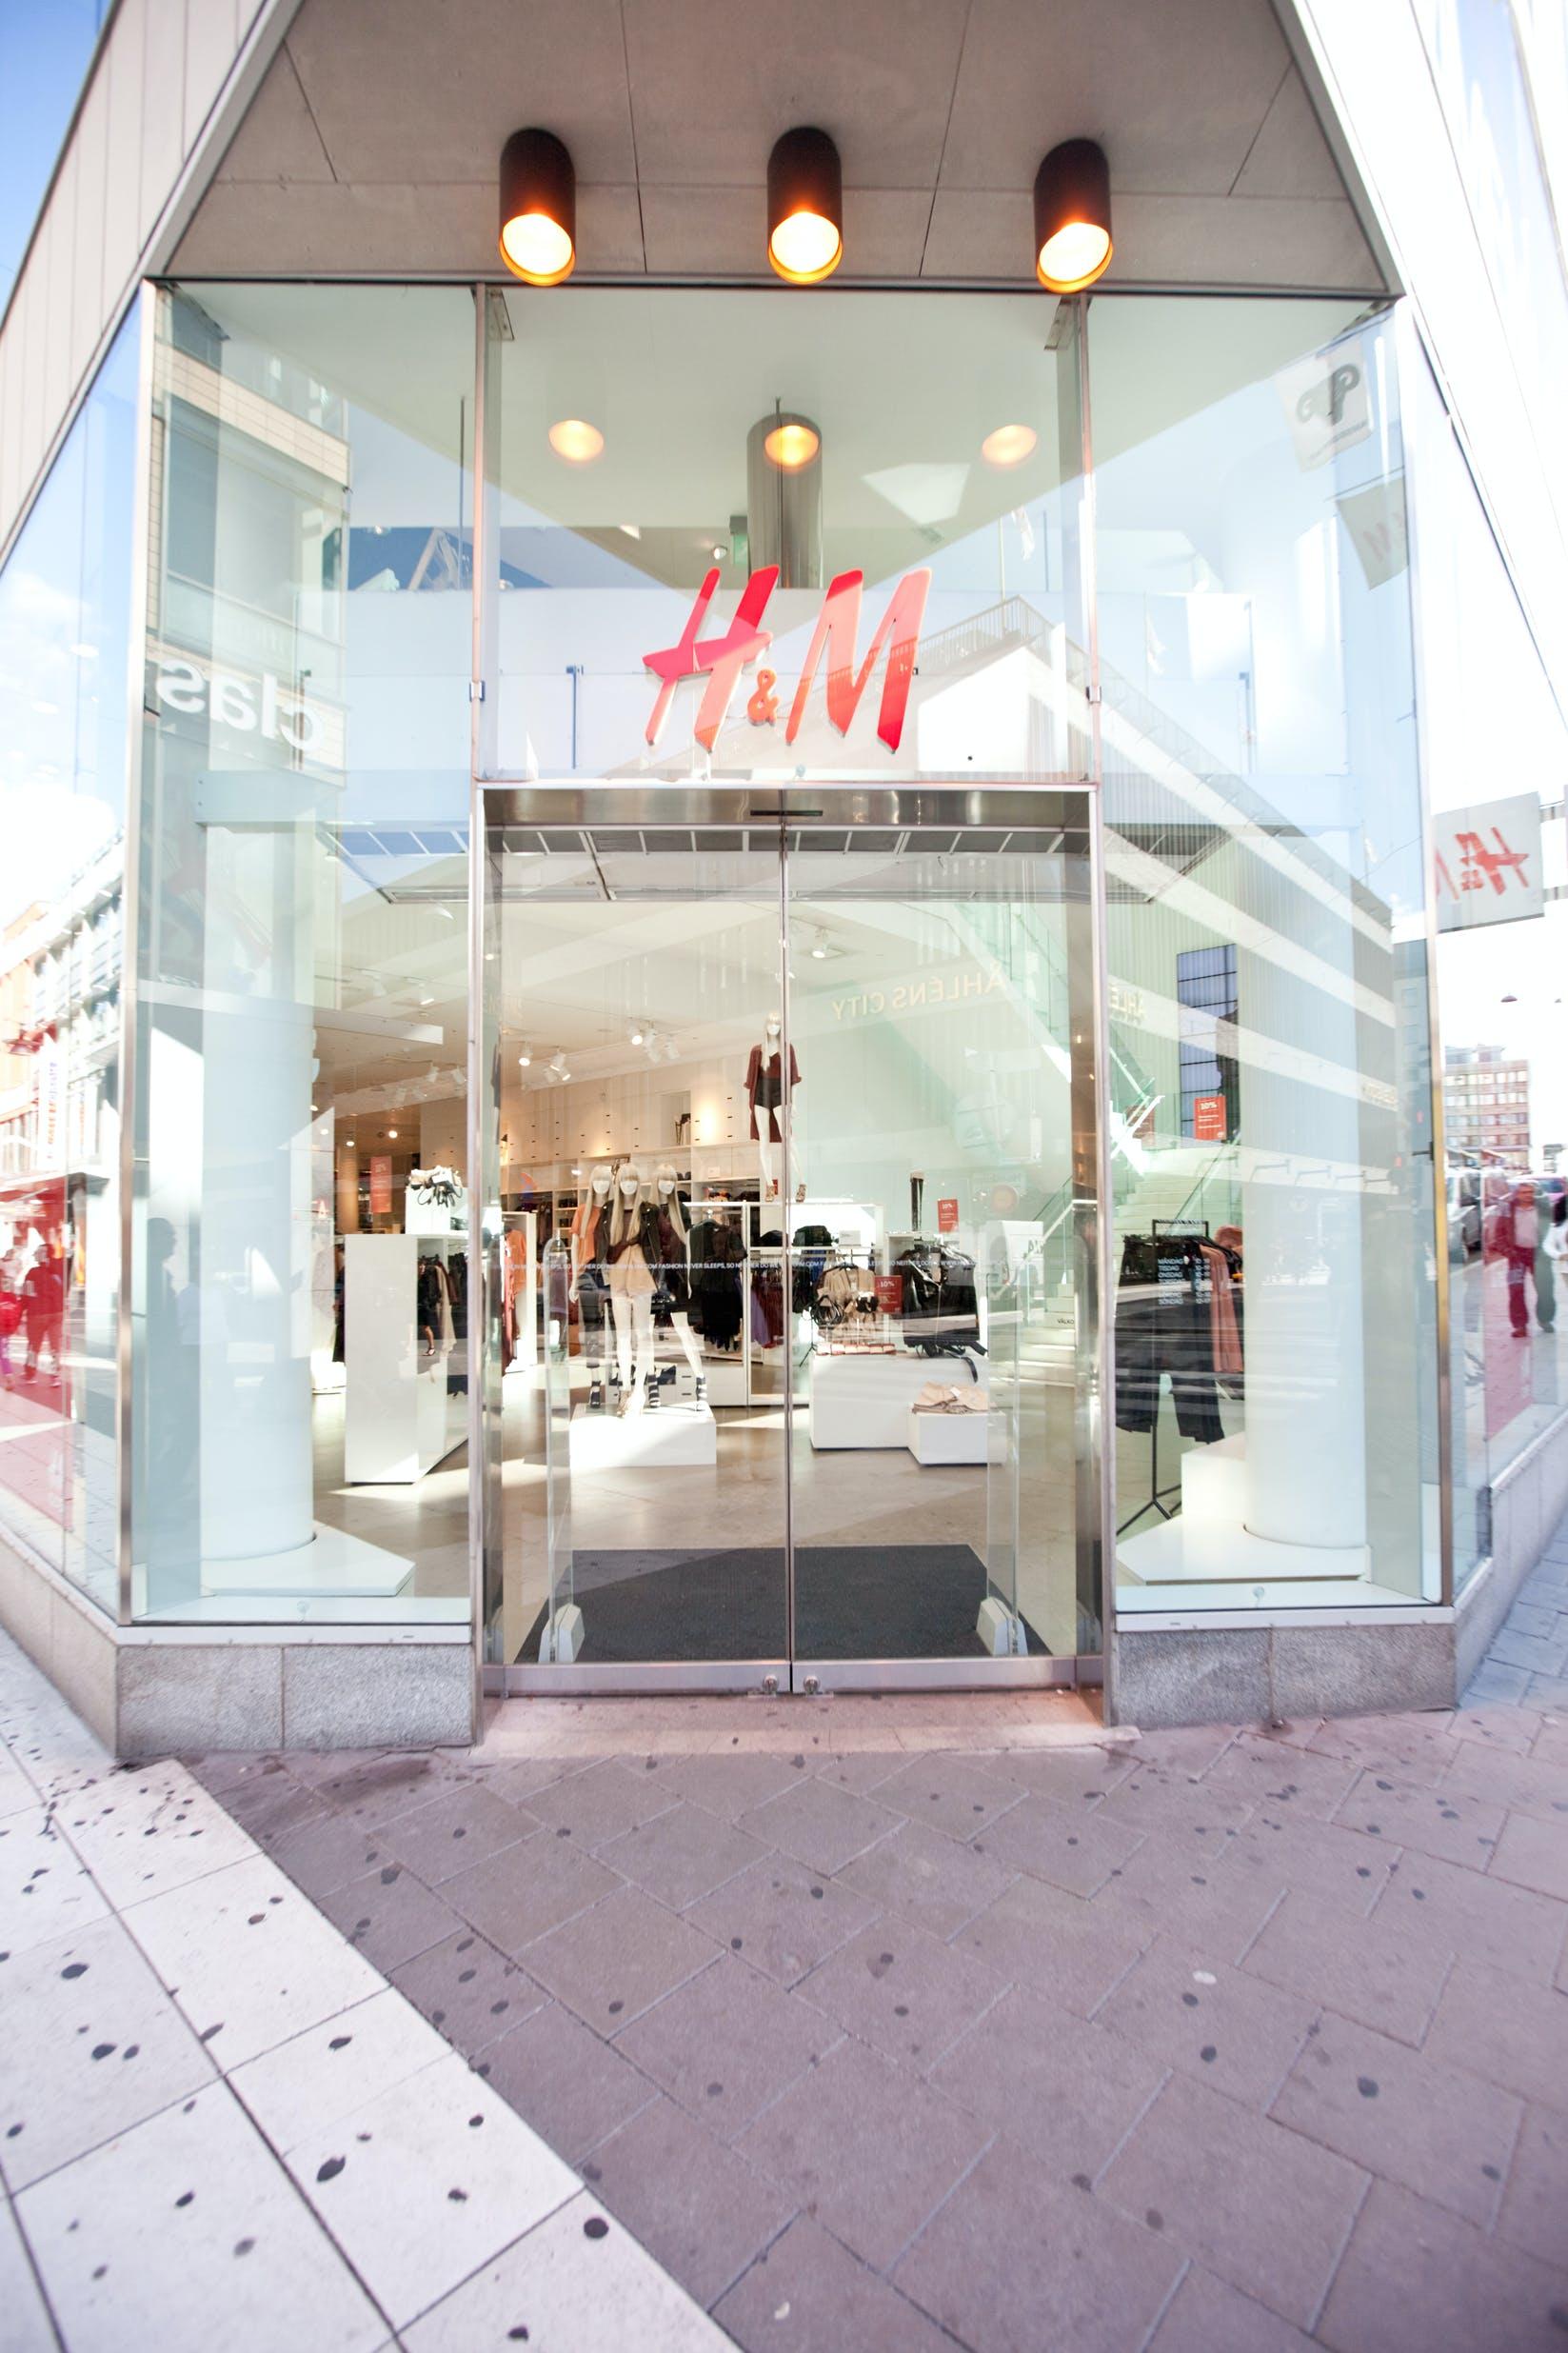 Utsidan av H&M-butiken i Stockholml, Sverige. Copyright: Robert Lindholm